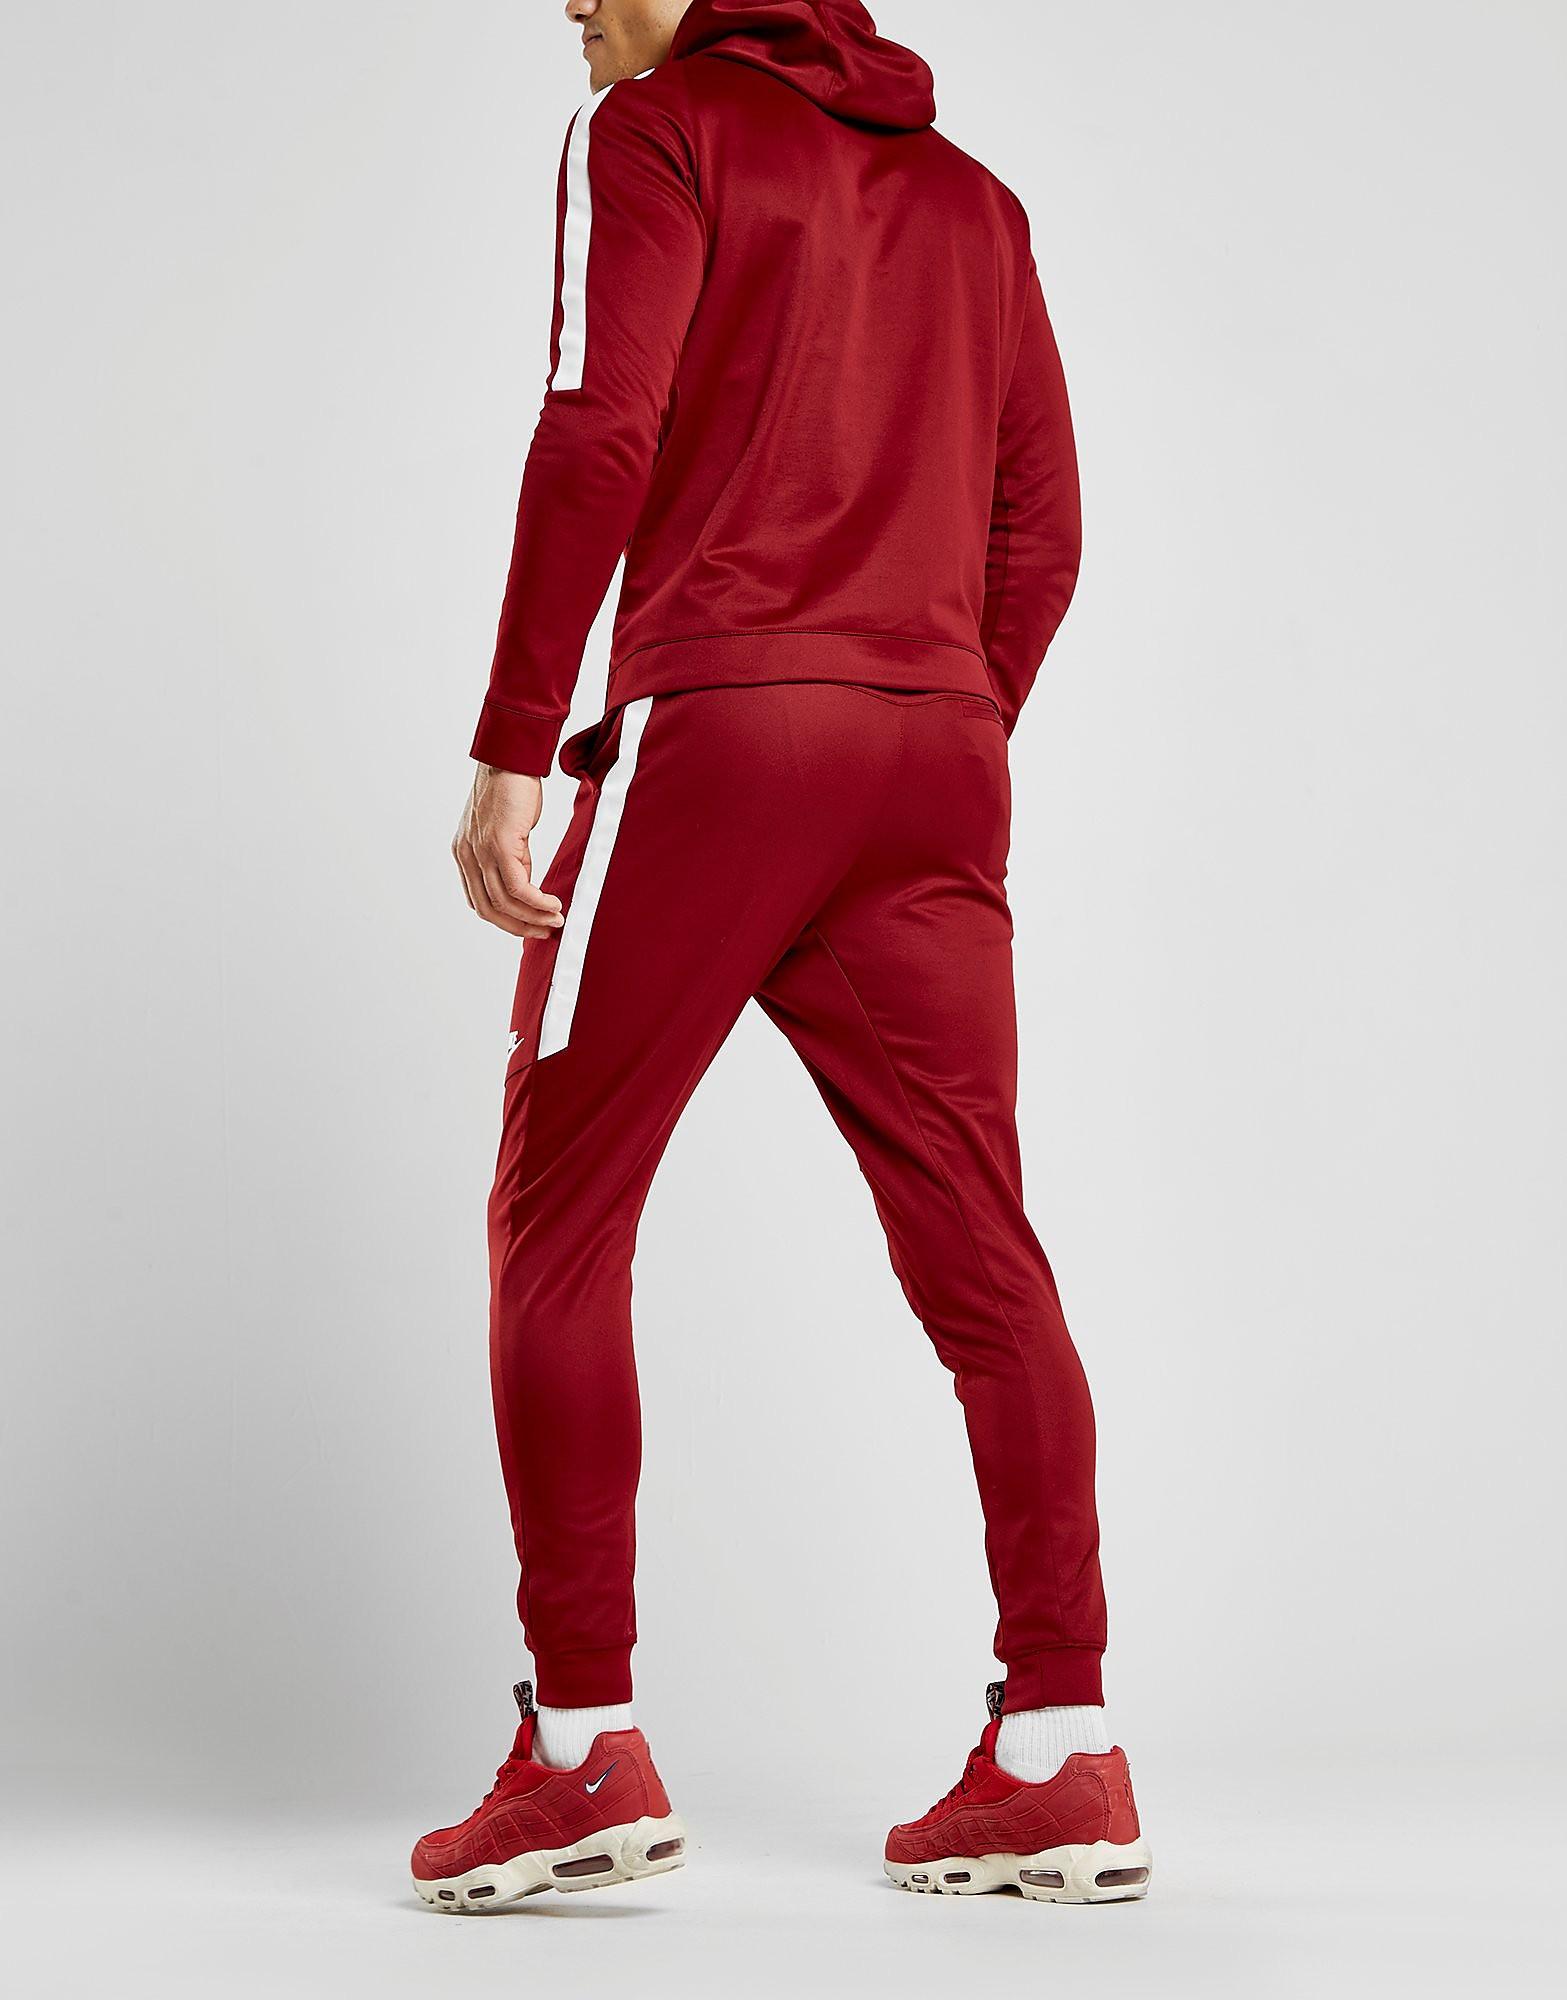 Nike Tribute DC Pants